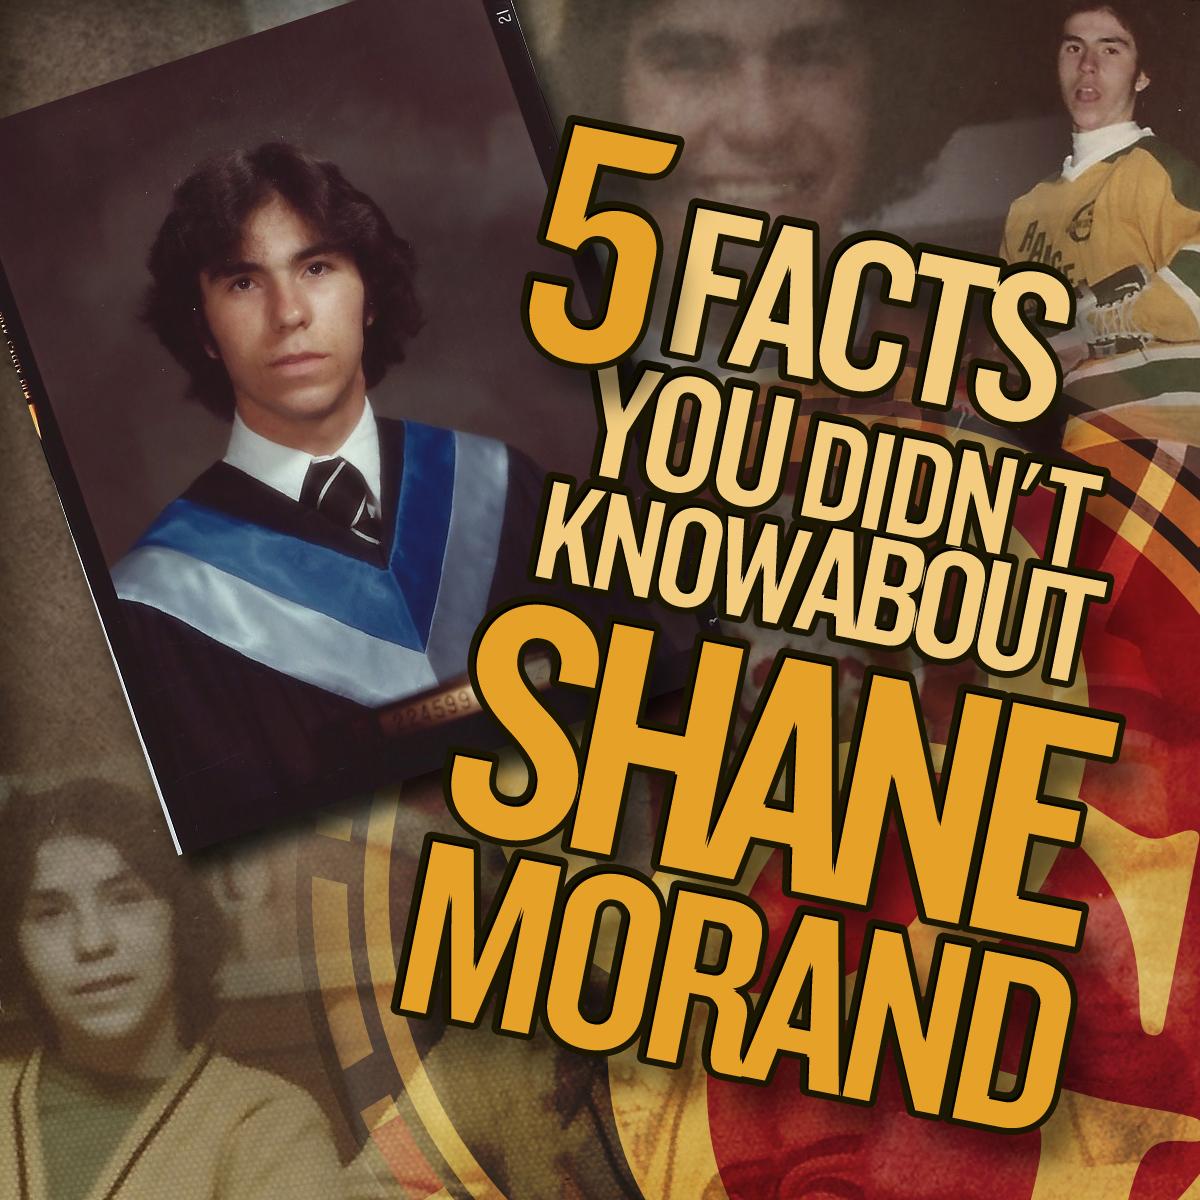 Shane Morand